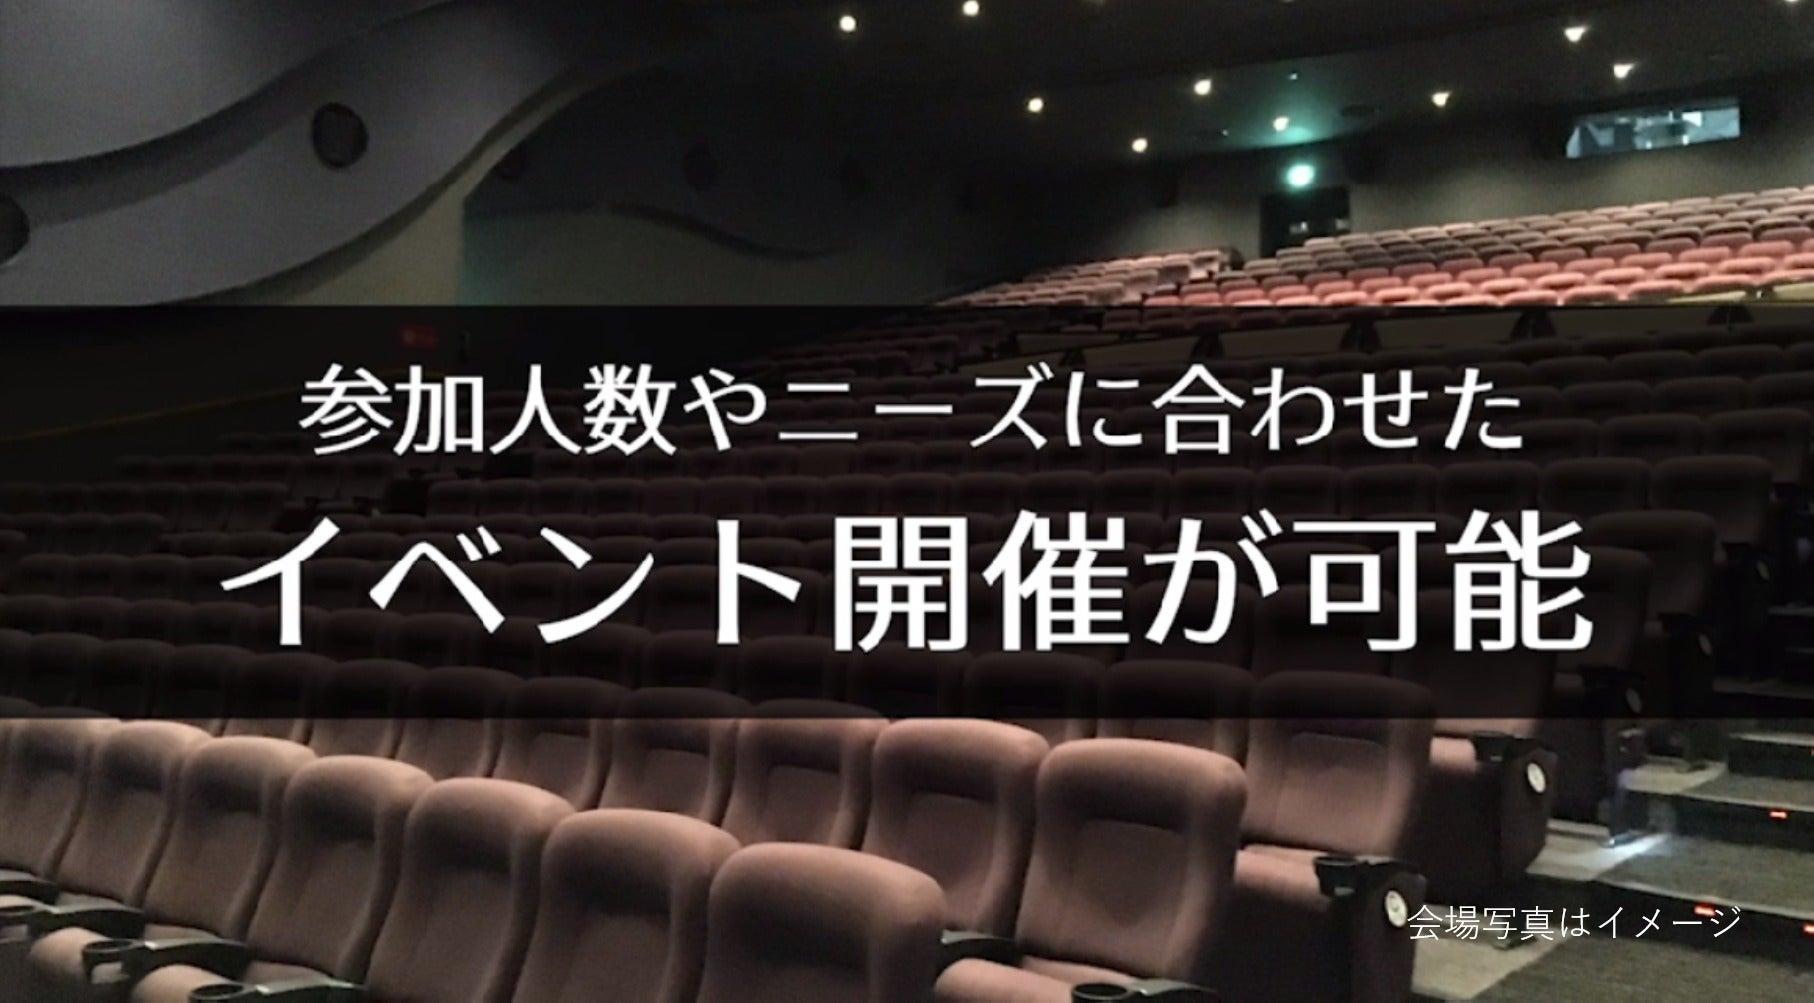 【前橋 117席】映画館で、会社説明会、株主総会、講演会の企画はいかがですか?(ユナイテッド・シネマ前橋) の写真0